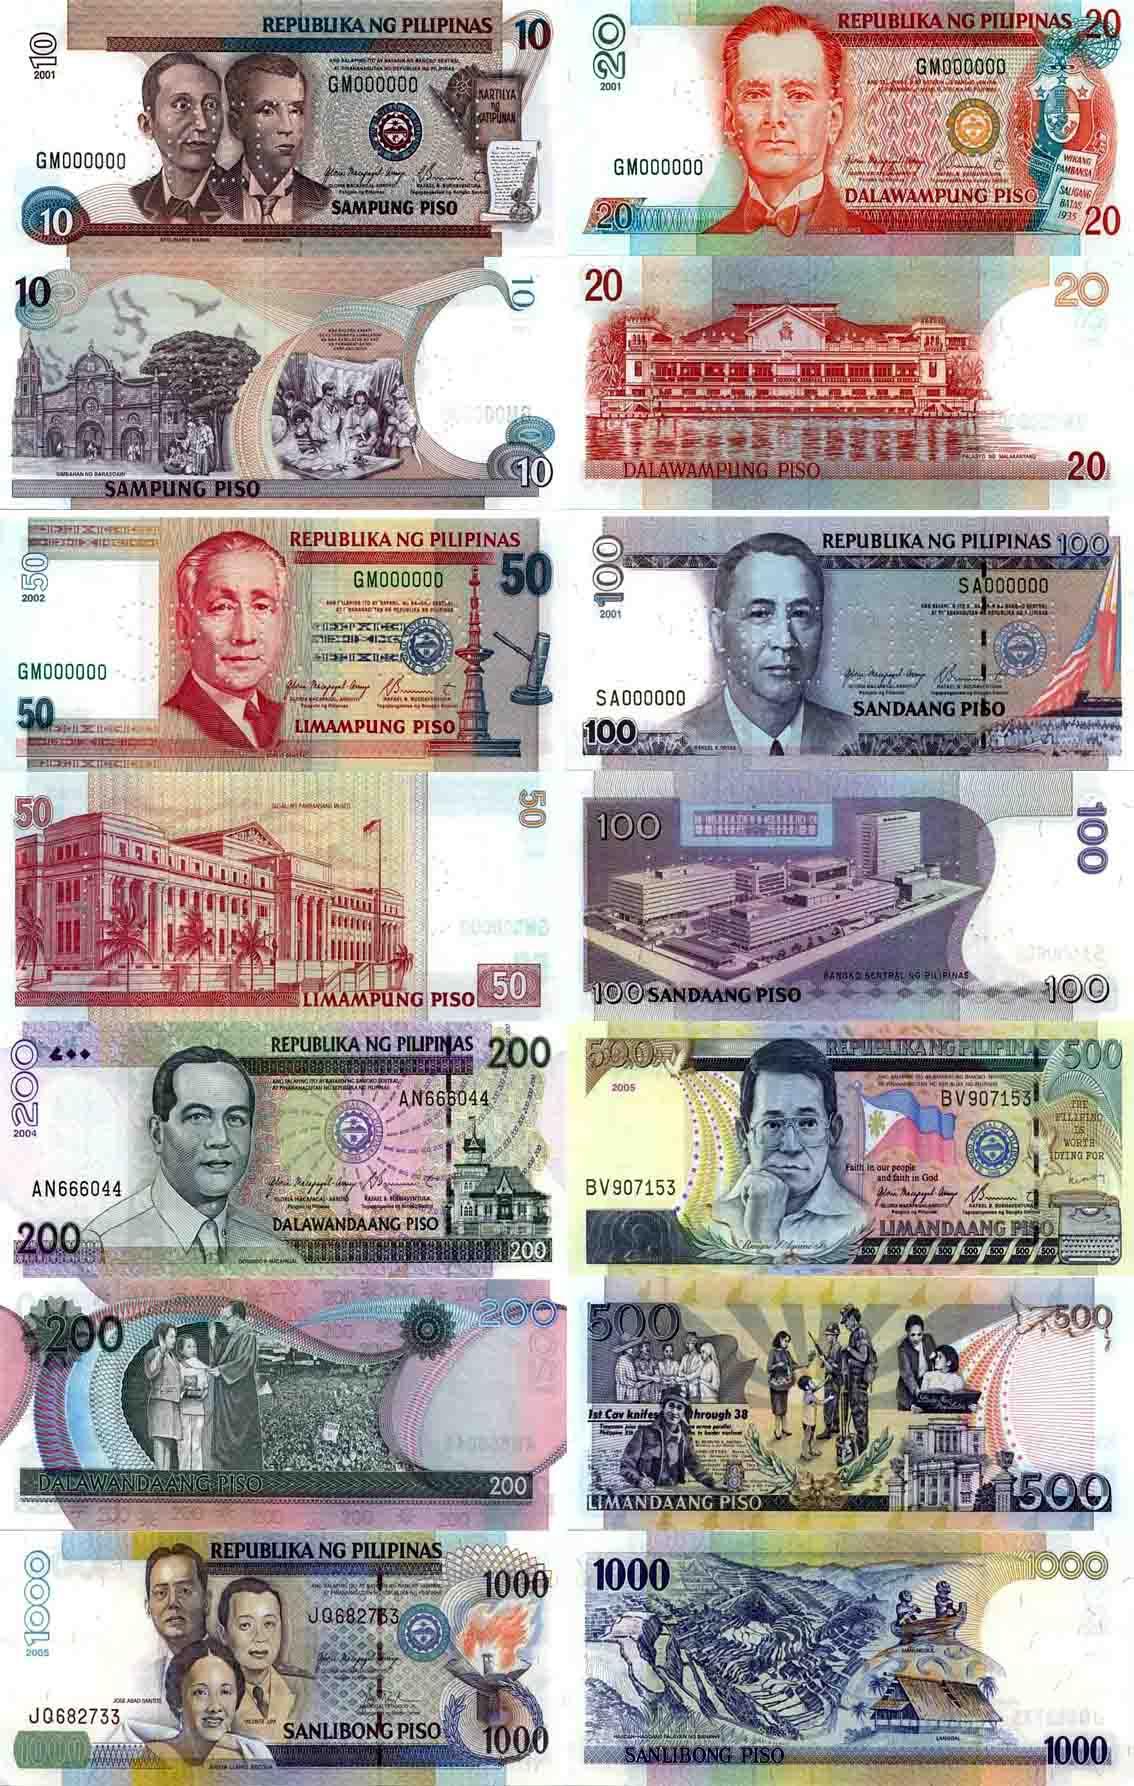 最新菲律賓幣匯率:臺幣/菲律賓幣匯率 - PHP to TWD 菲律賓幣兌美元/港幣/臺幣匯率 - 中國旅遊部落格